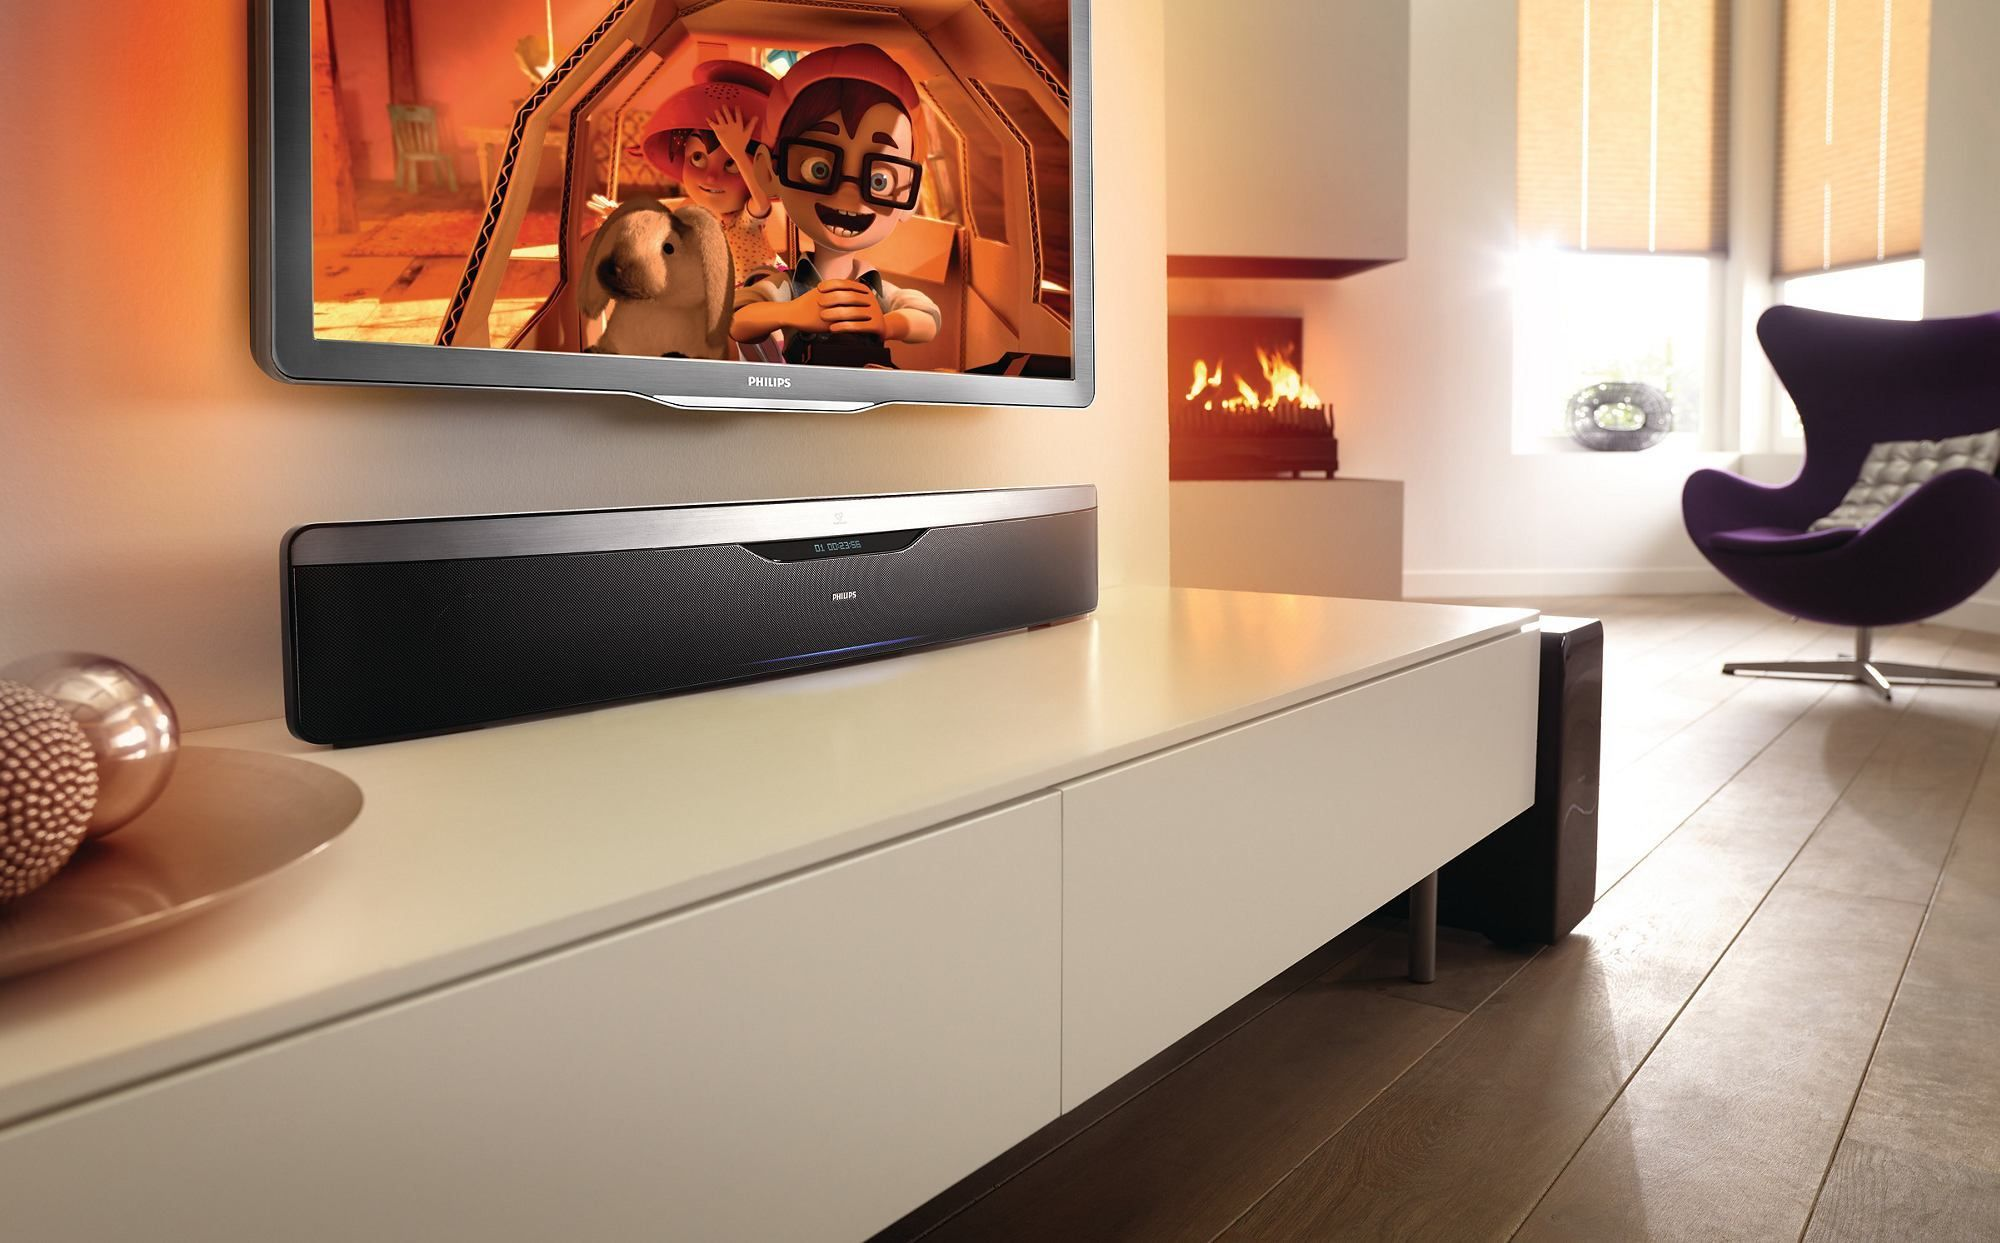 Meuble Tv Avec Barre De Son comment faire du home cinéma avec son tv ? - hi-fi & home